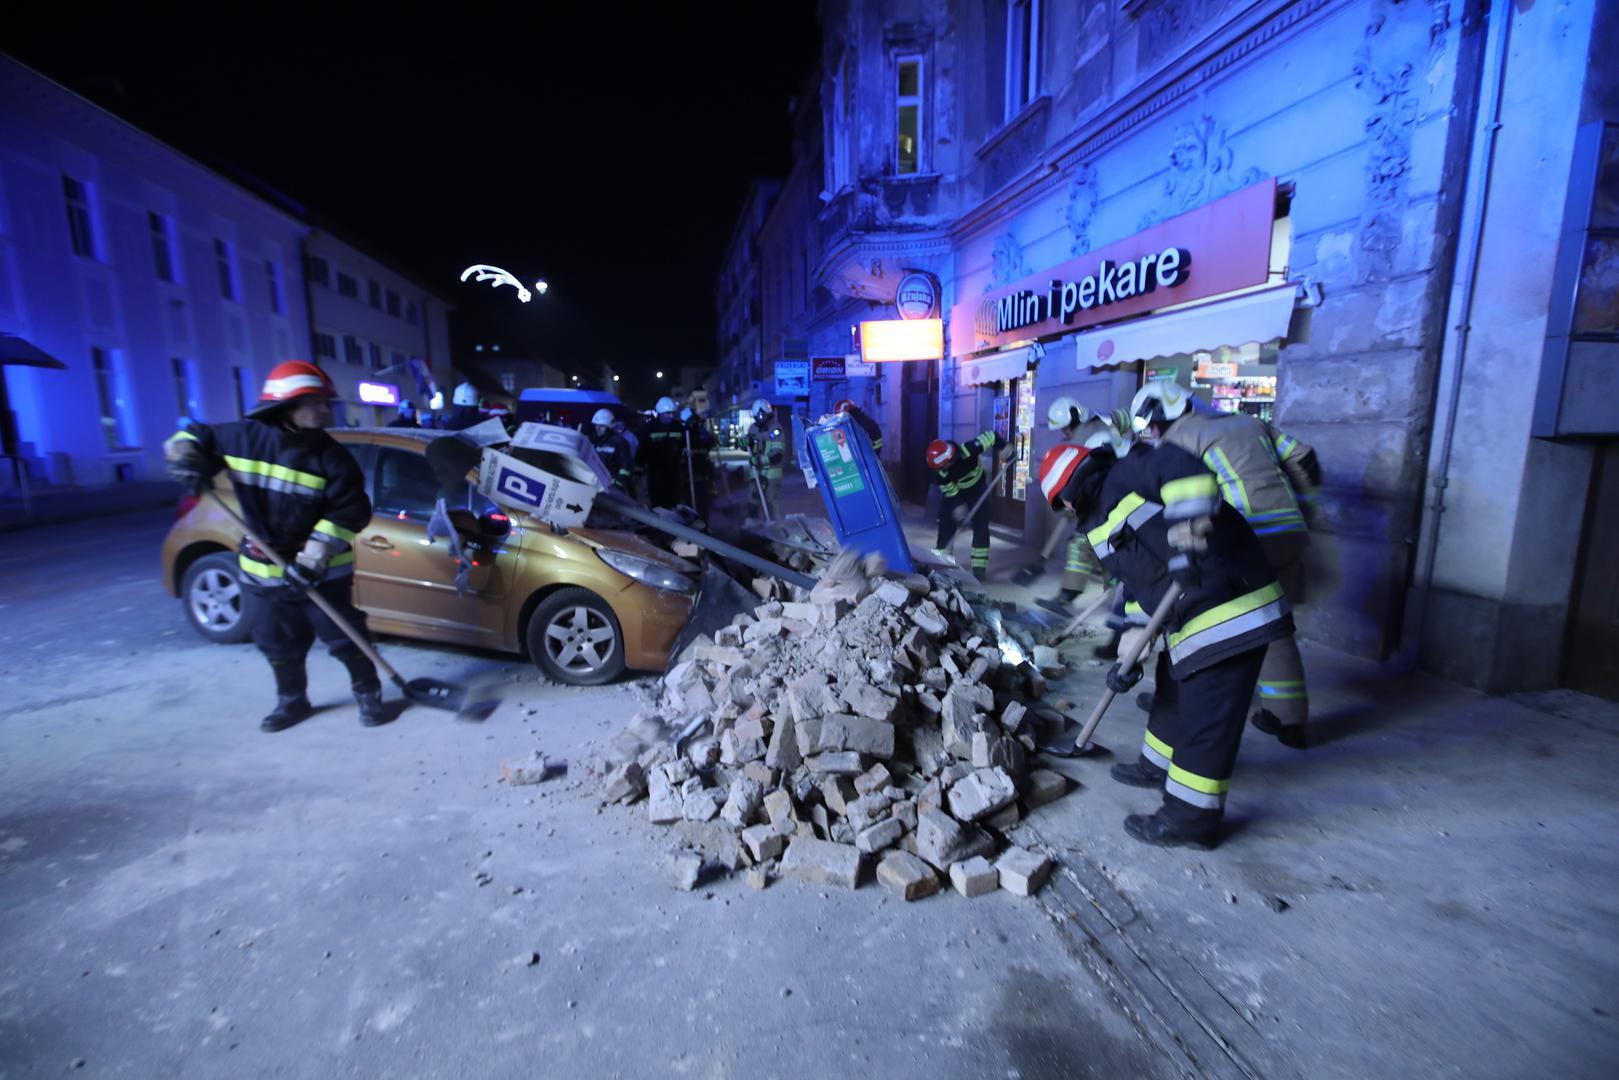 В Хорватии произошли три землетрясения: люди ночевали на улицах - 6 - изображение